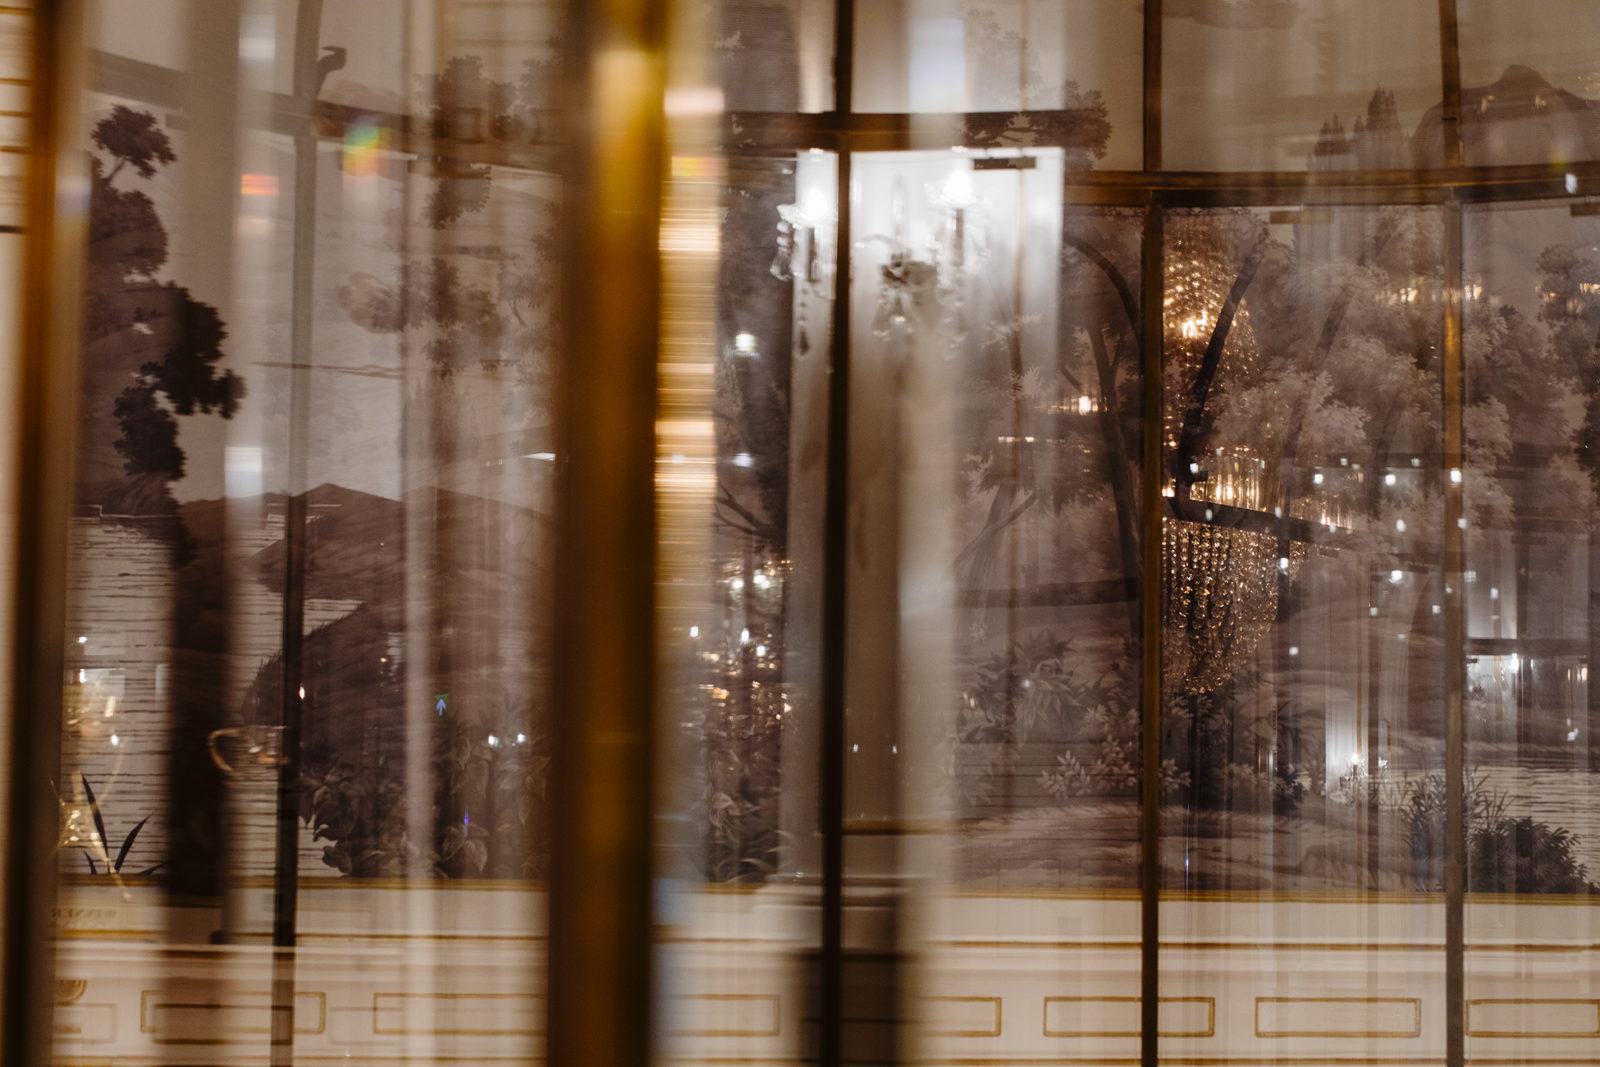 Speilsalen restaurant in Britannia Hotel photo by Lars Petter Pettersen